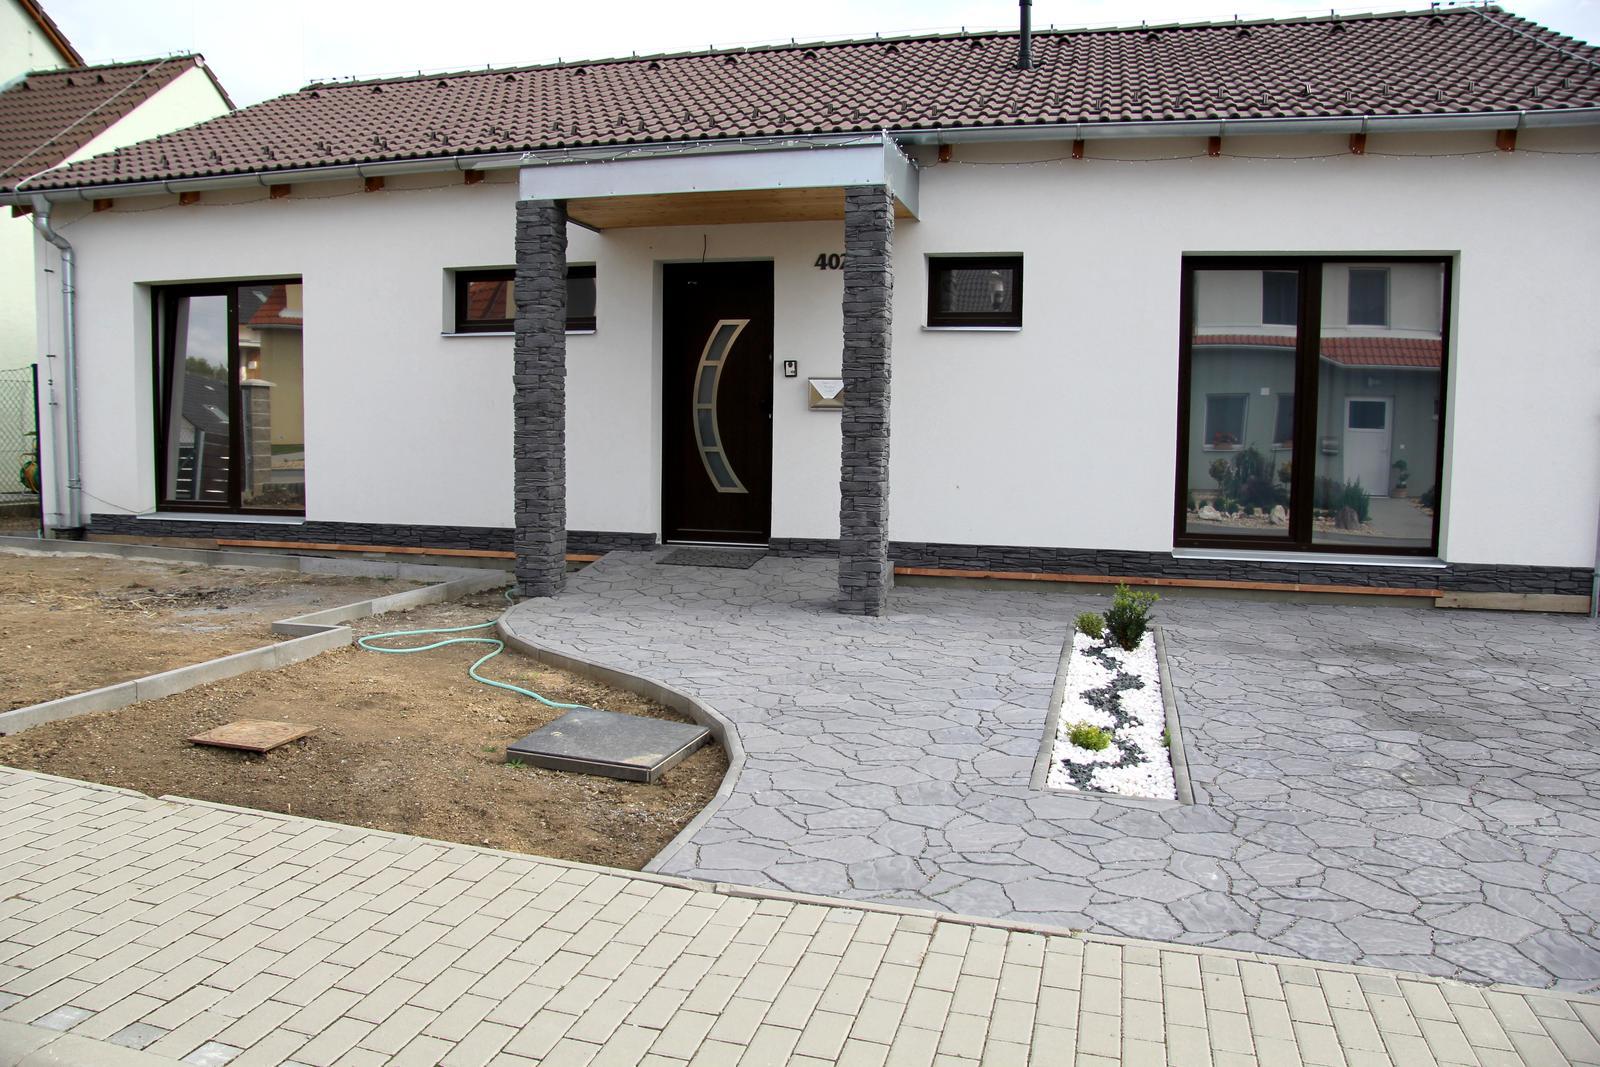 Exteriér domu snů - ještě spodek a bude hotovoo a pak se přes zimu rozmyslet, jestli do záhonu vedle chodníku bílé kamínky nebo šedé :-D v záhonech budou jen buxusy